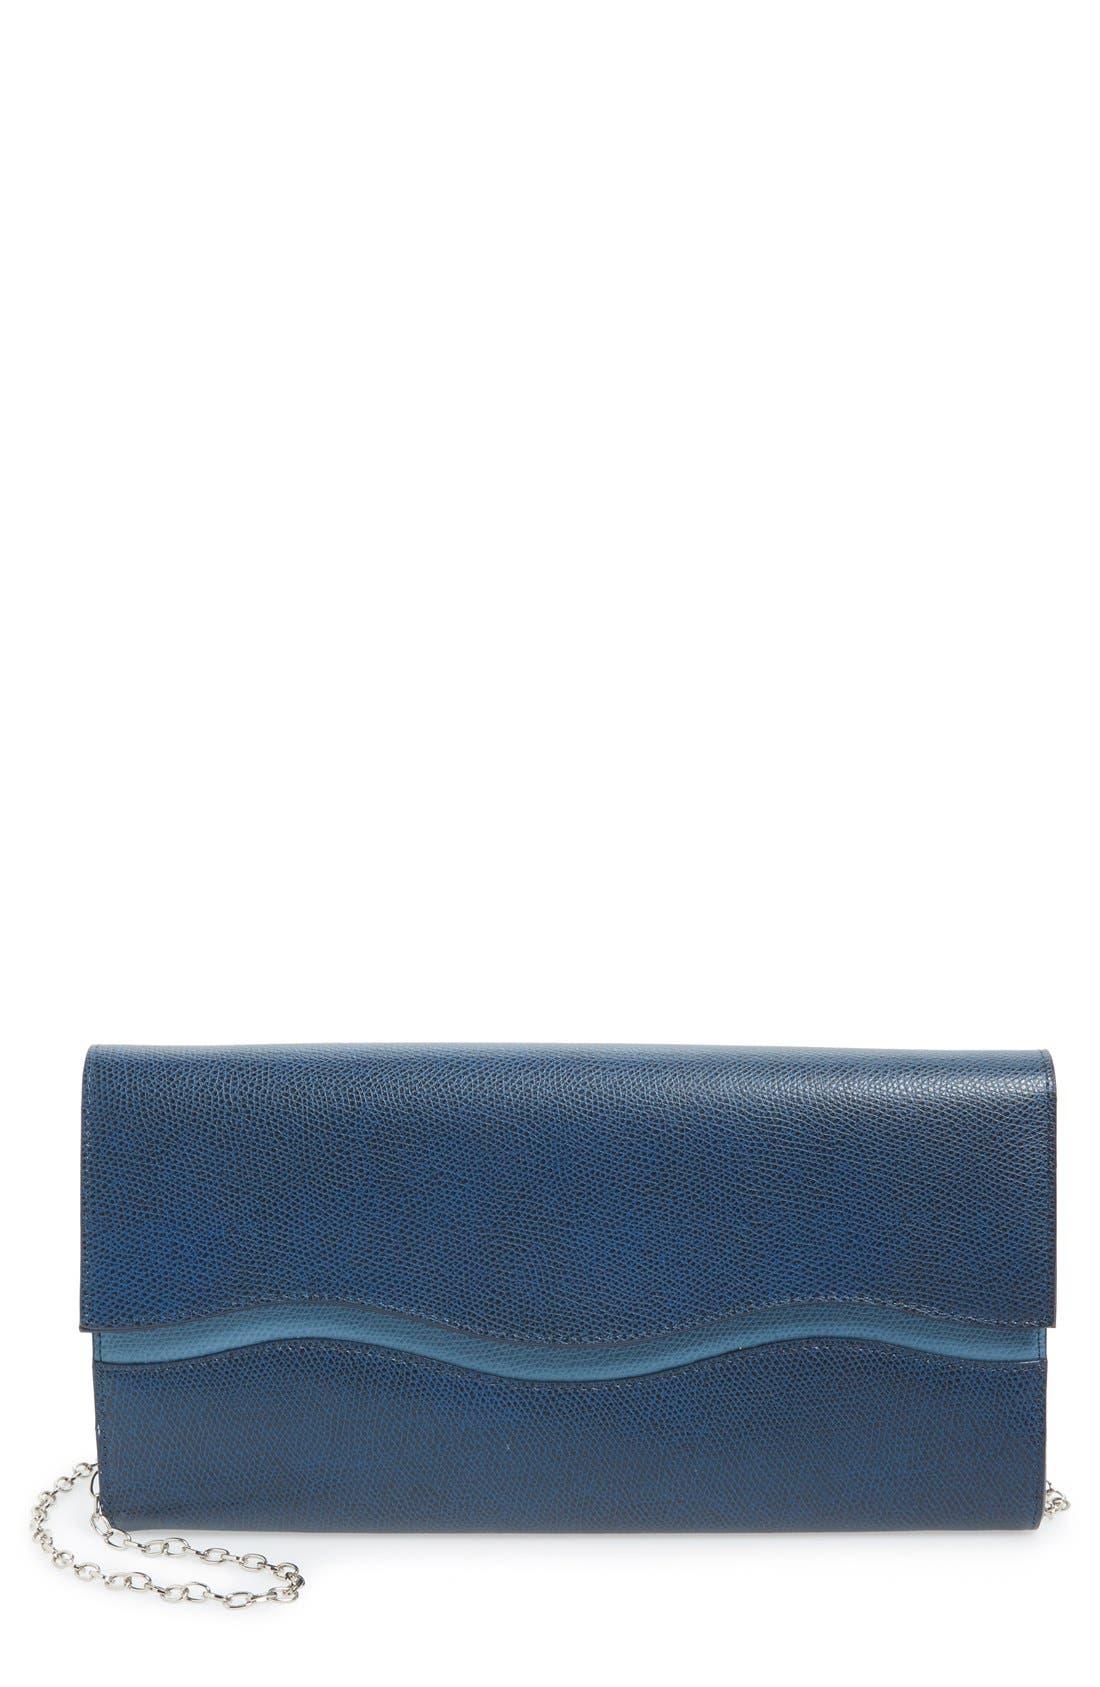 Main Image - Halogen® 'Westlake Wave' Leather Clutch